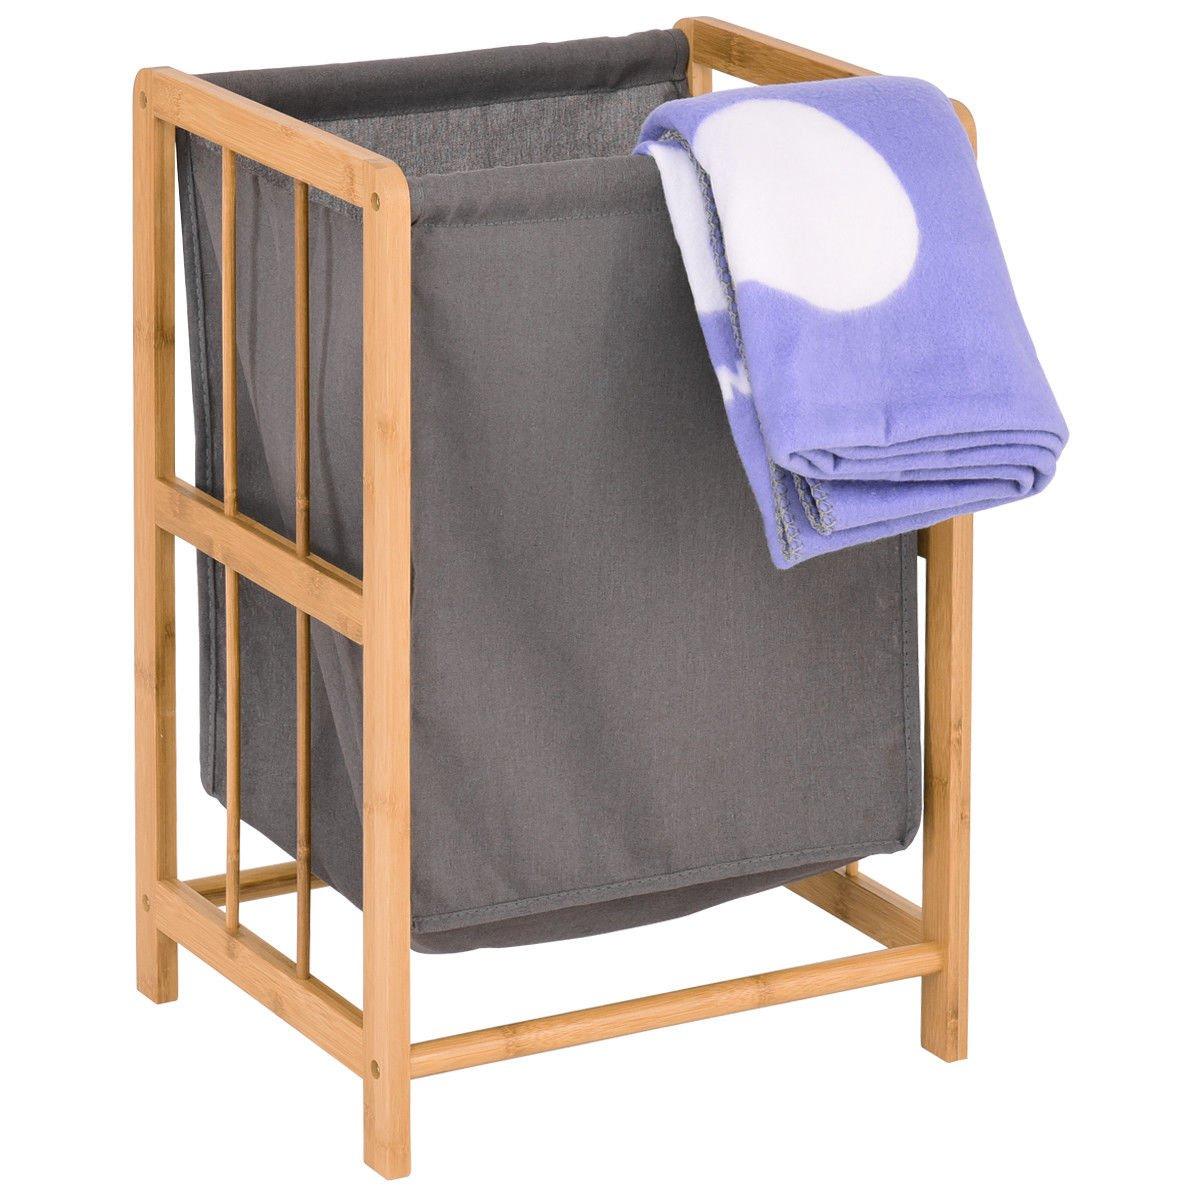 Laundry Hamper竹フレーム耐久性布バッグソーターストレージバスケットBin B079RGTXR8